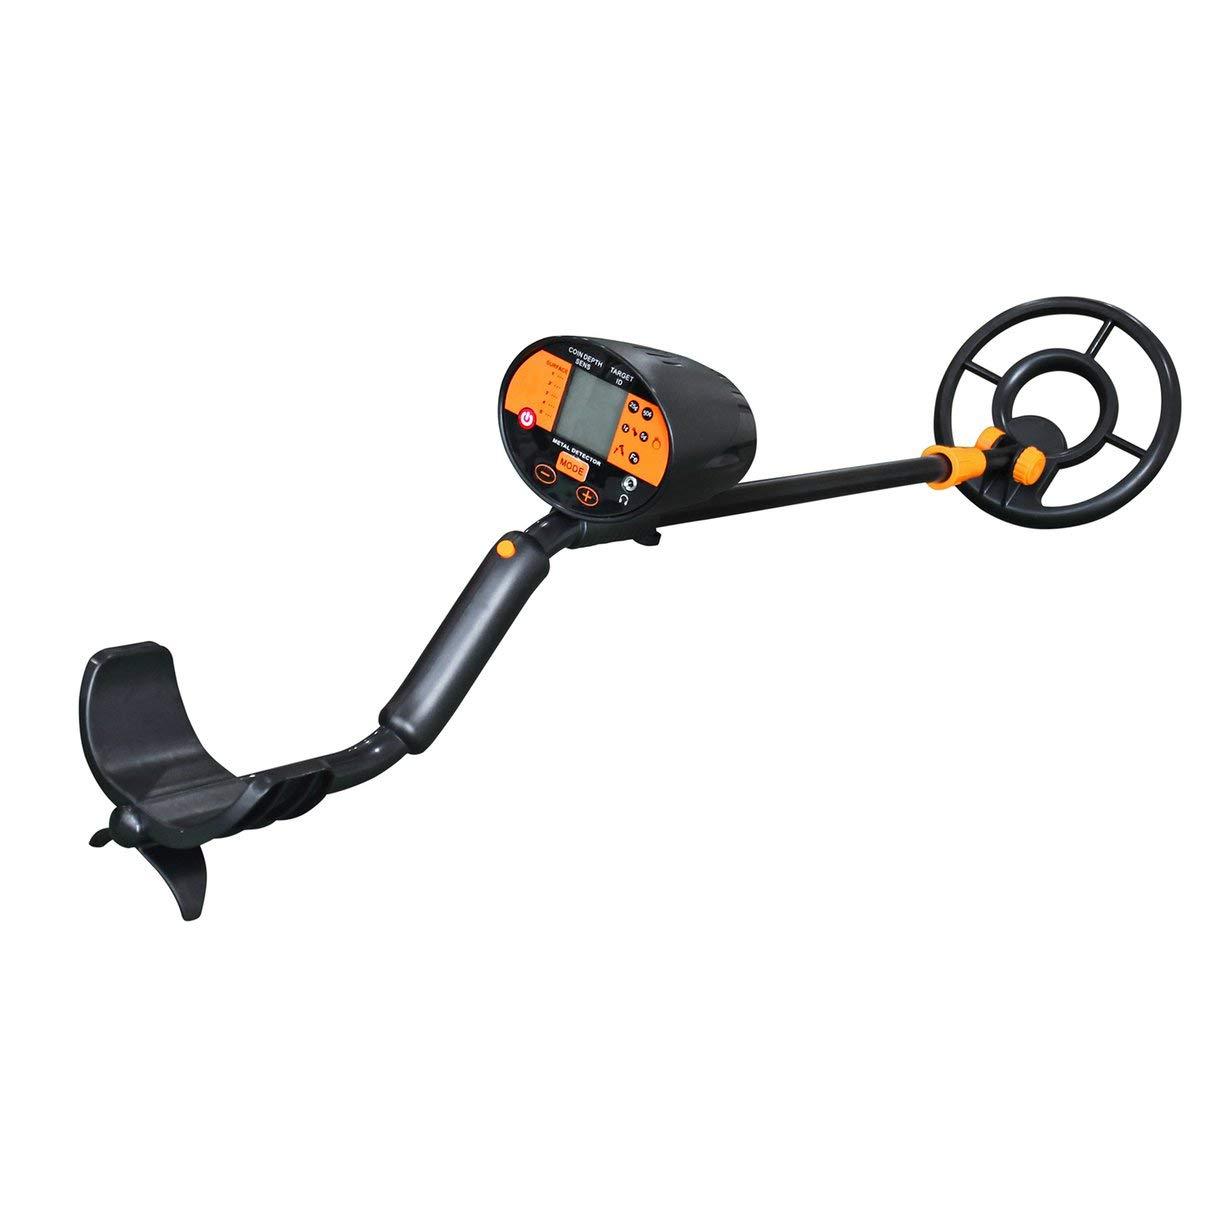 Detector De Metales, Alta Sensibilidad Meterk Detector para Adulto y Principiantes MD-3050: Amazon.es: Bricolaje y herramientas